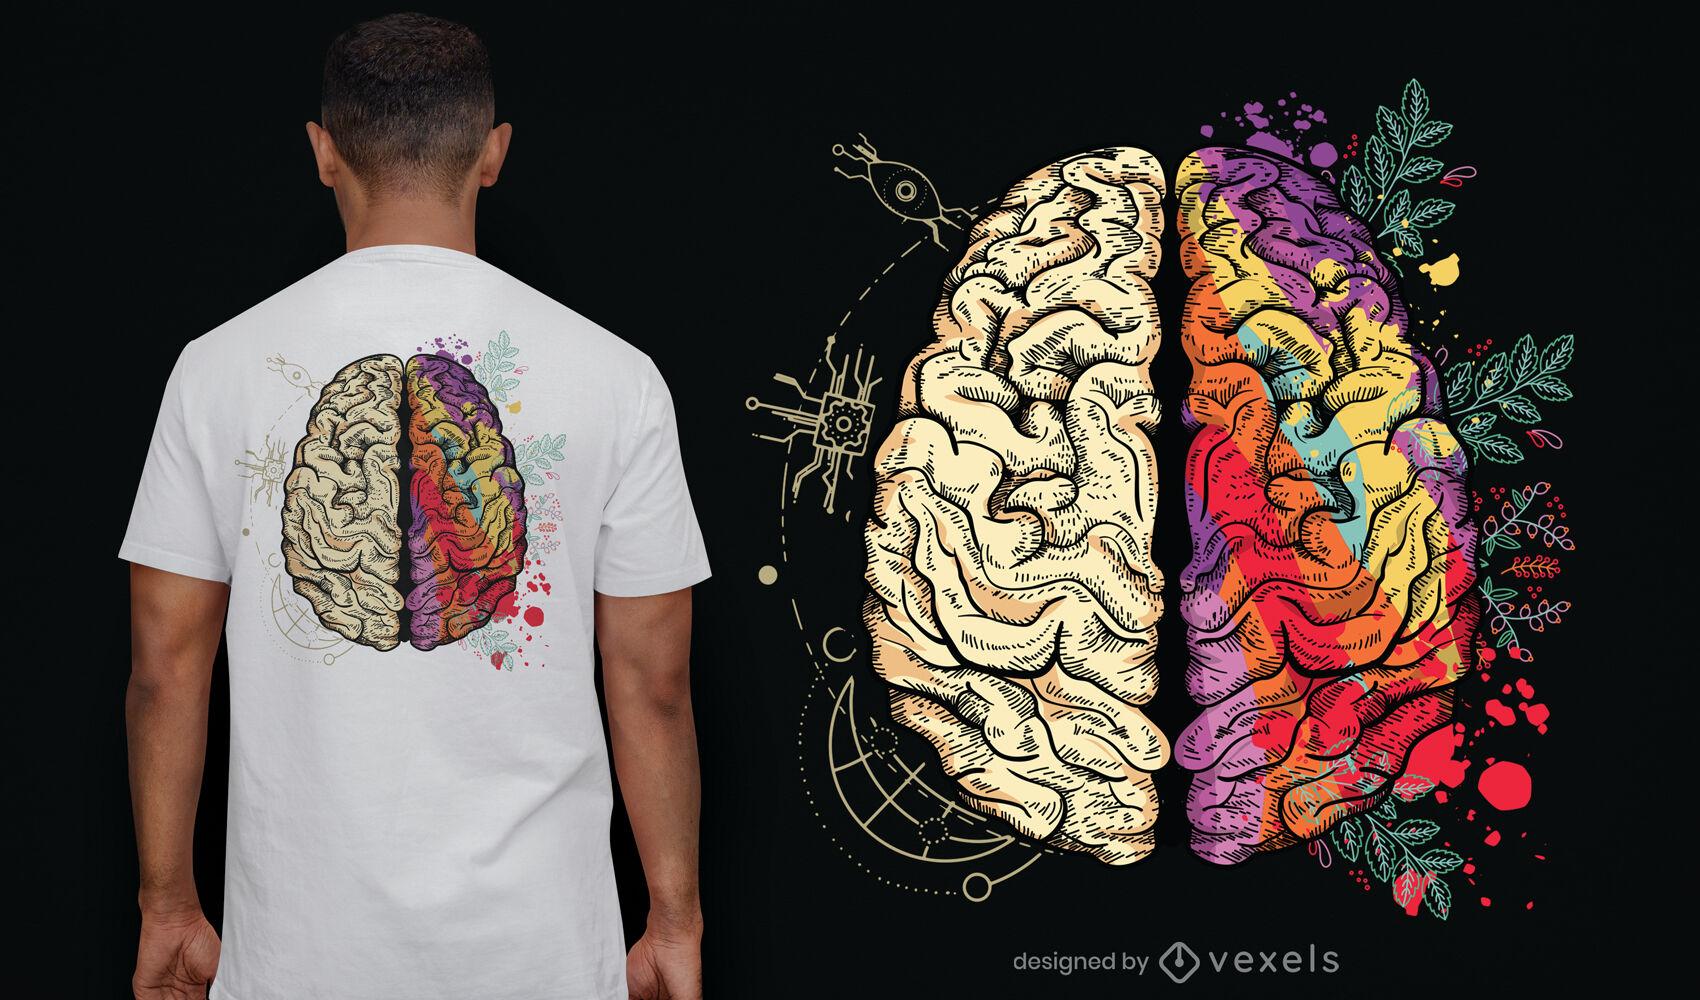 Desenho de camiseta com ilustra??o de hemisf?rios cerebrais